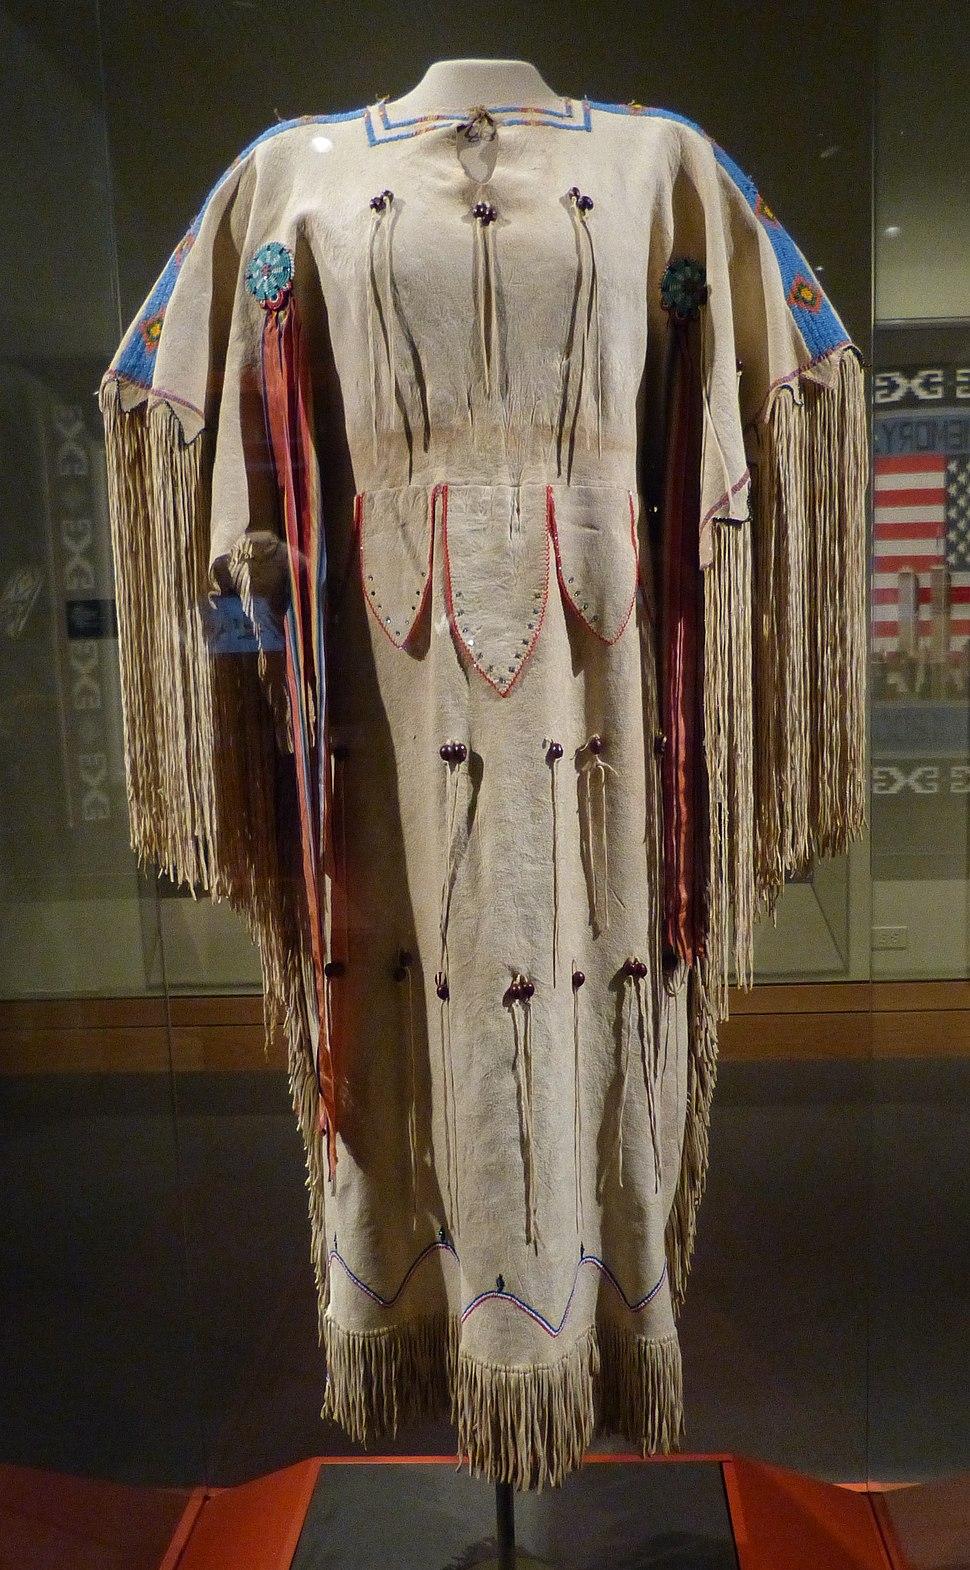 NCWHM - Arapaho Dress